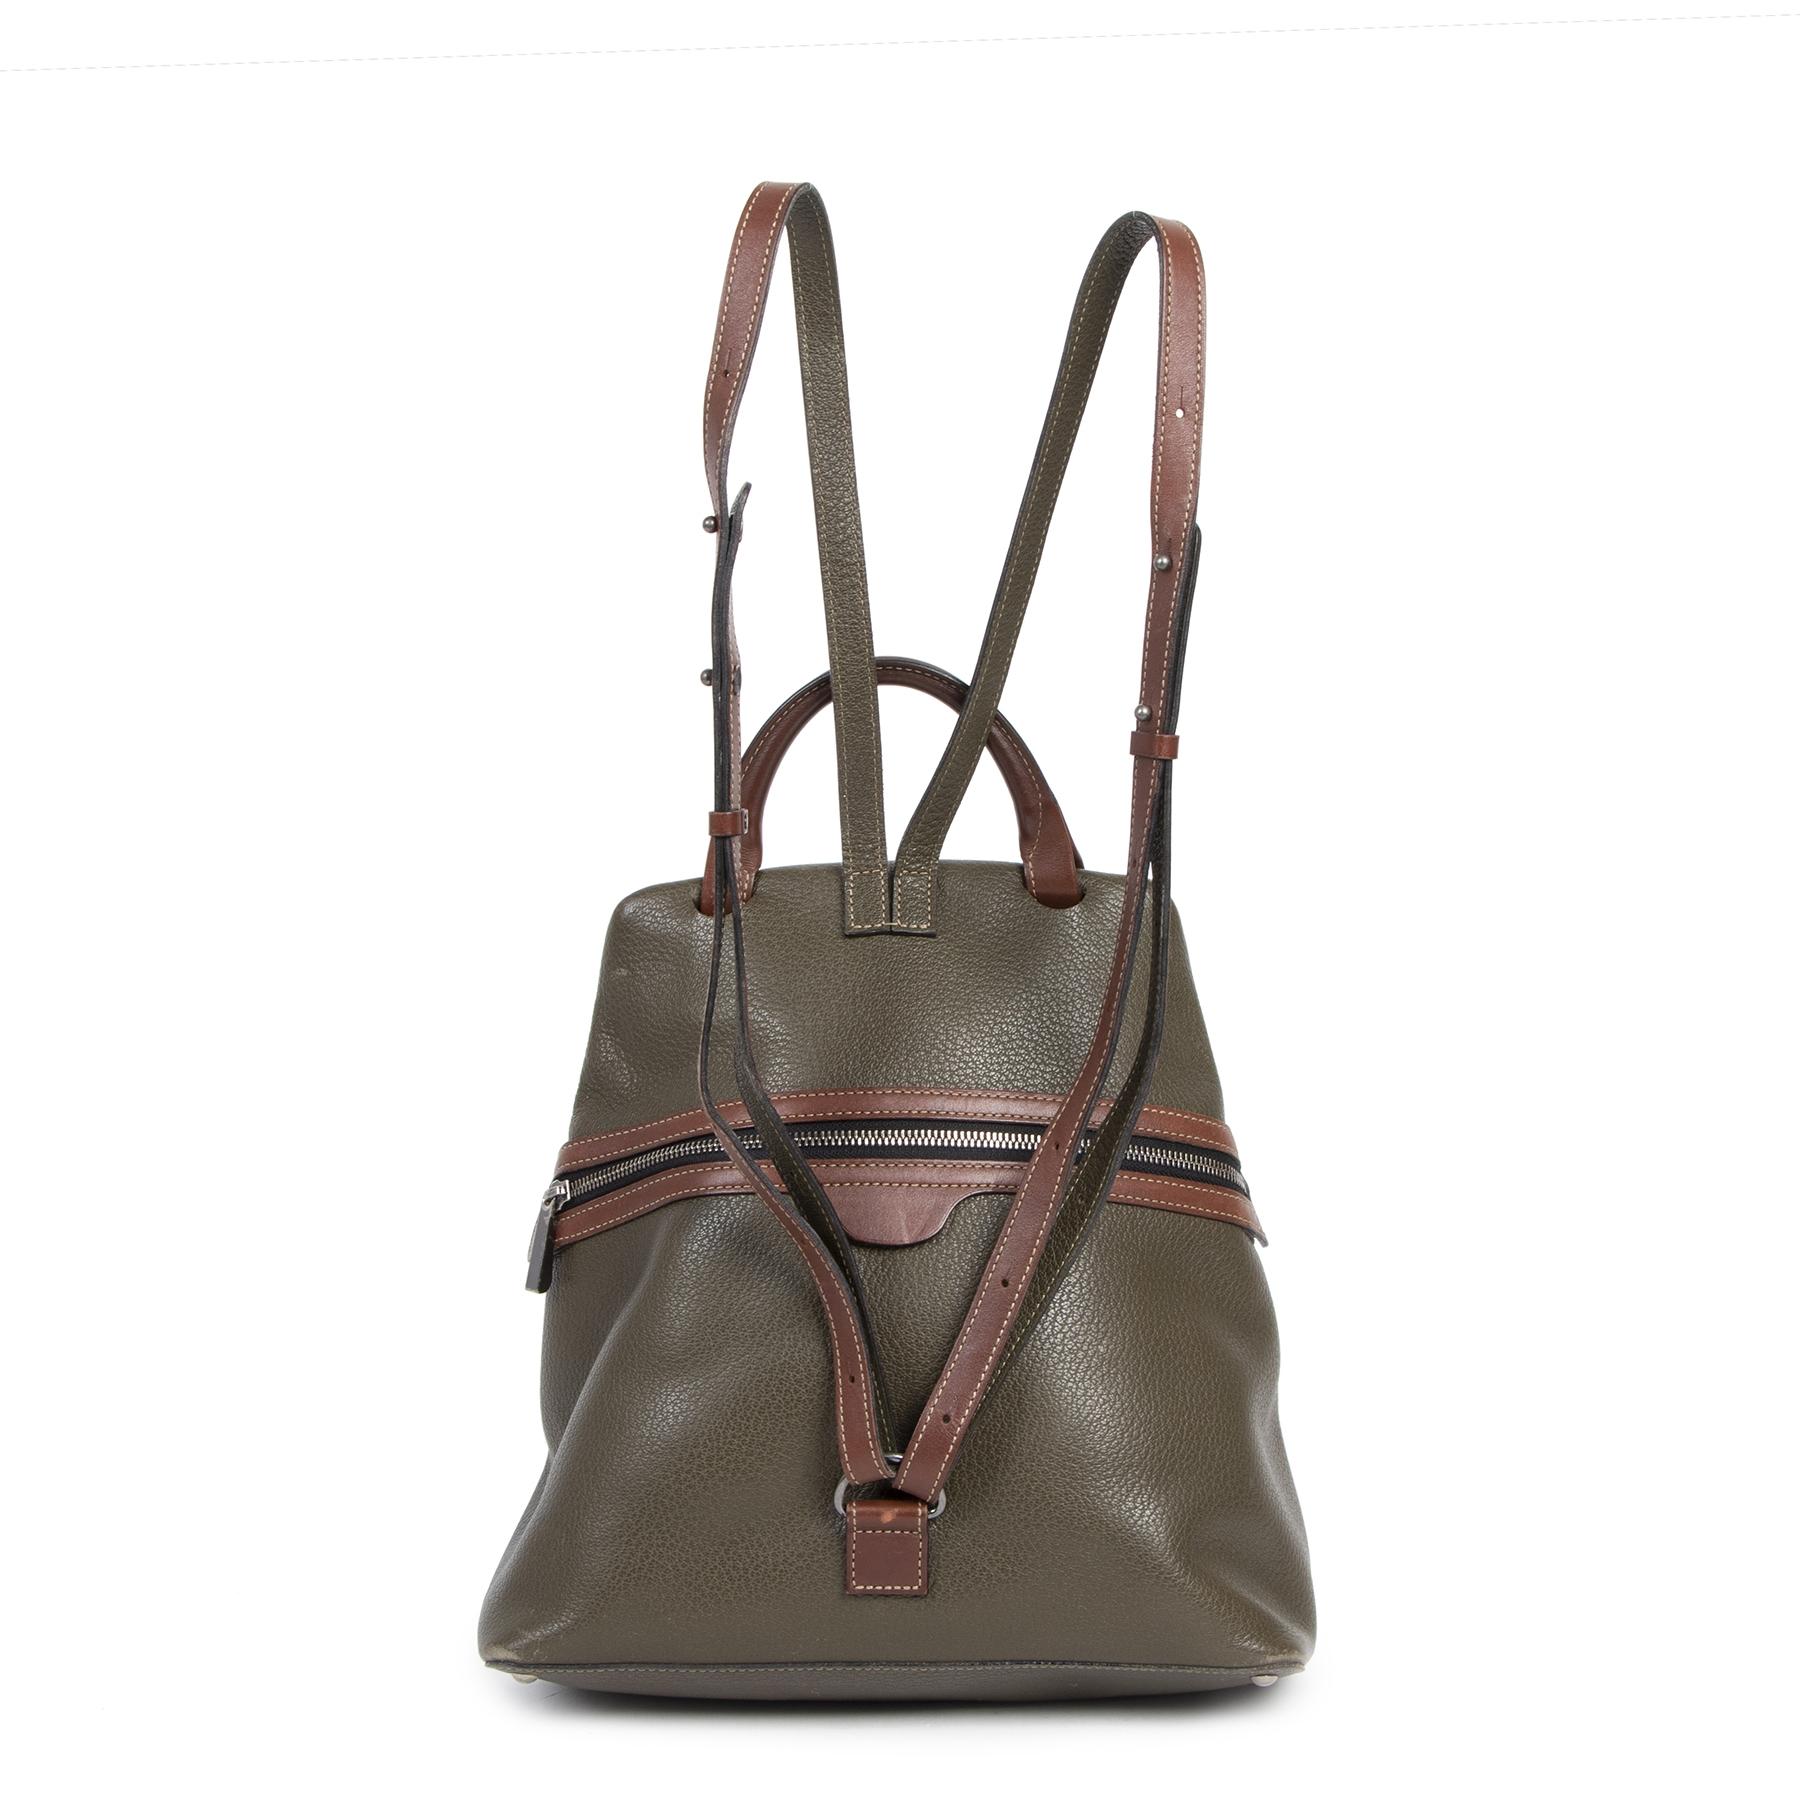 Authentique seconde-main vintage Deux De Delvaux Green Backpack achète en ligne webshop LabelLOV